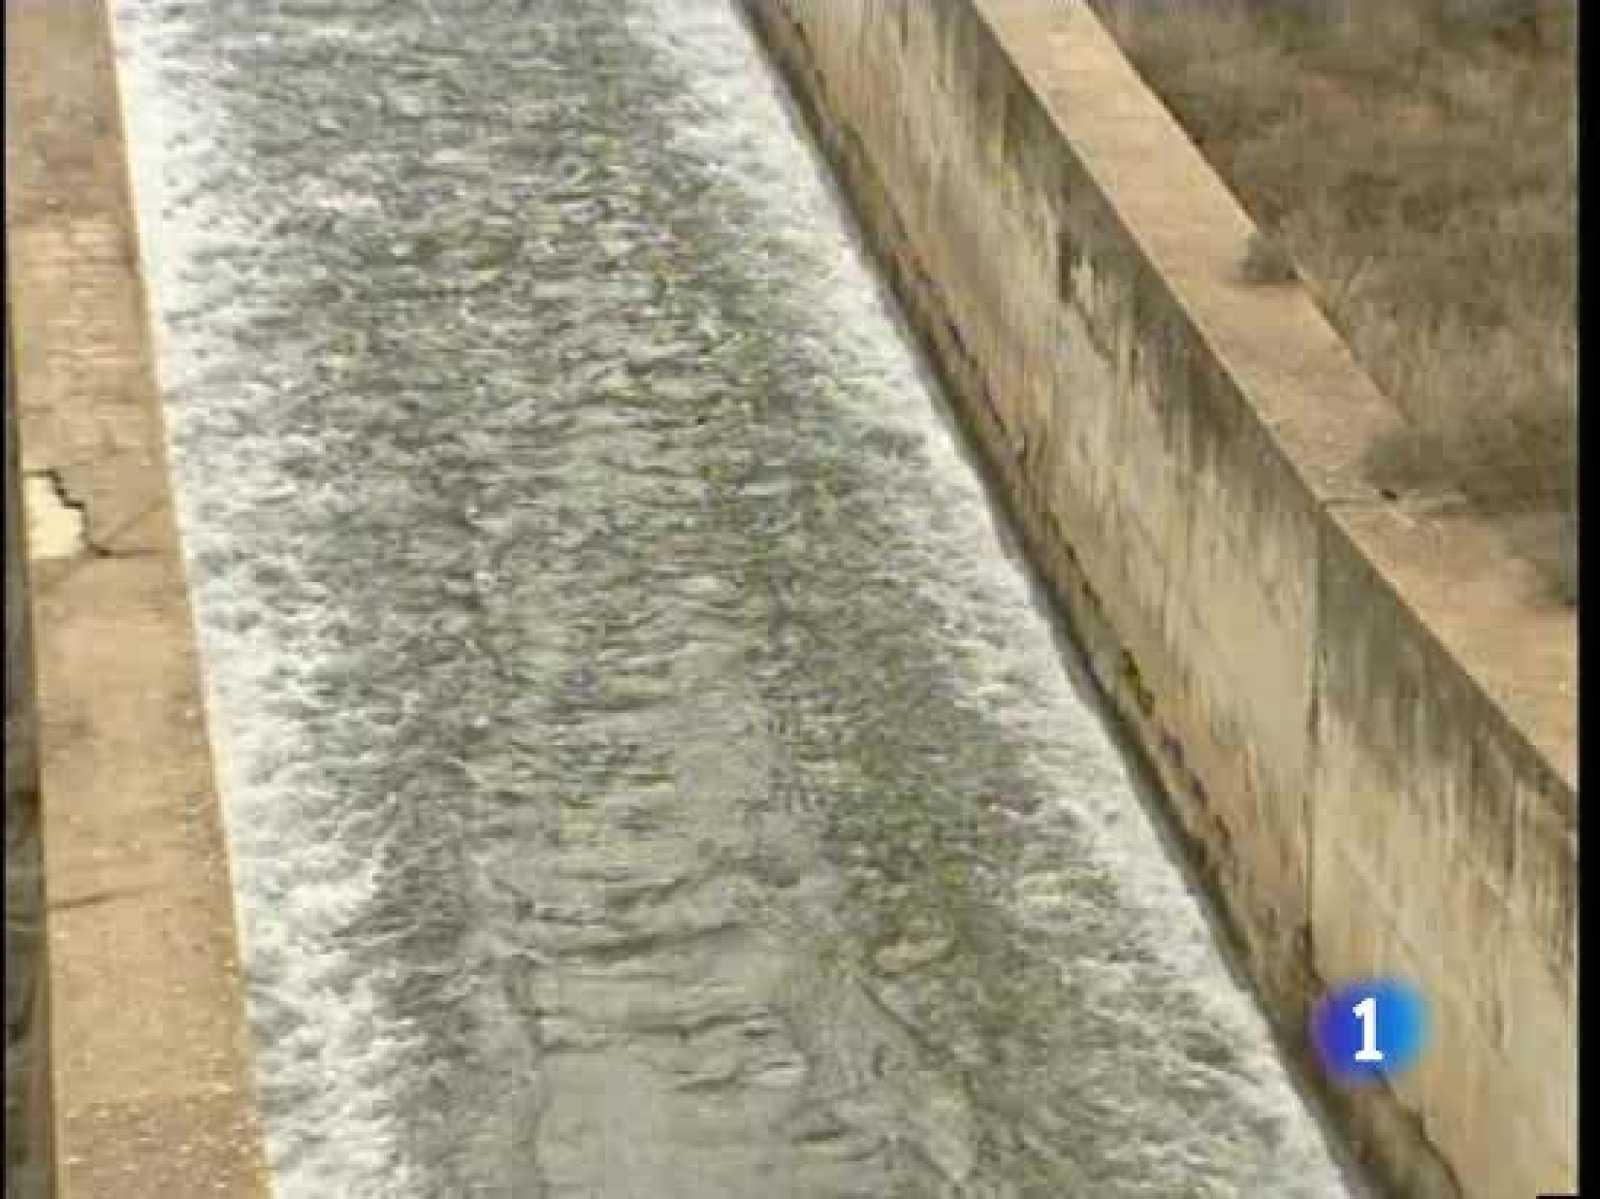 La difícil situación provocada por la falta de agua en el parque de  las Tablas de Daimiel está empezando a aliviarse.